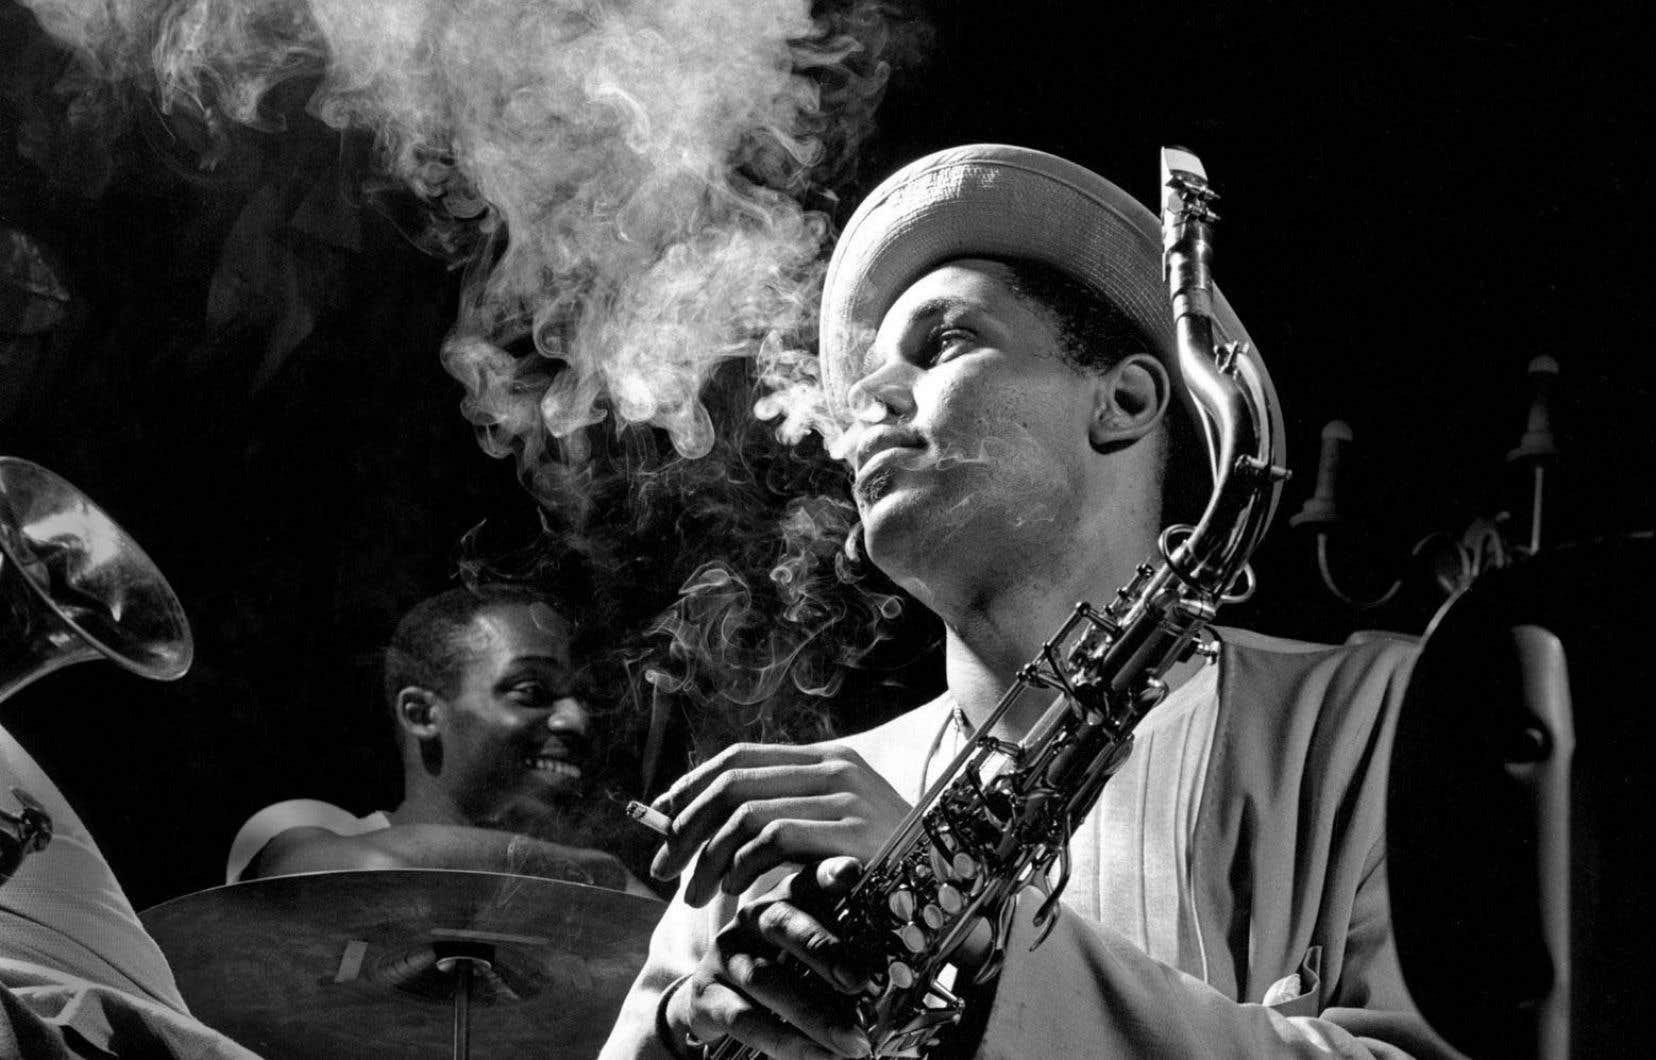 Le saxophoniste Dexter Gordon enveloppé par la fumée de sa cigarette, photographié par Herman Leonard au Royal Roost, à New York, en 1948